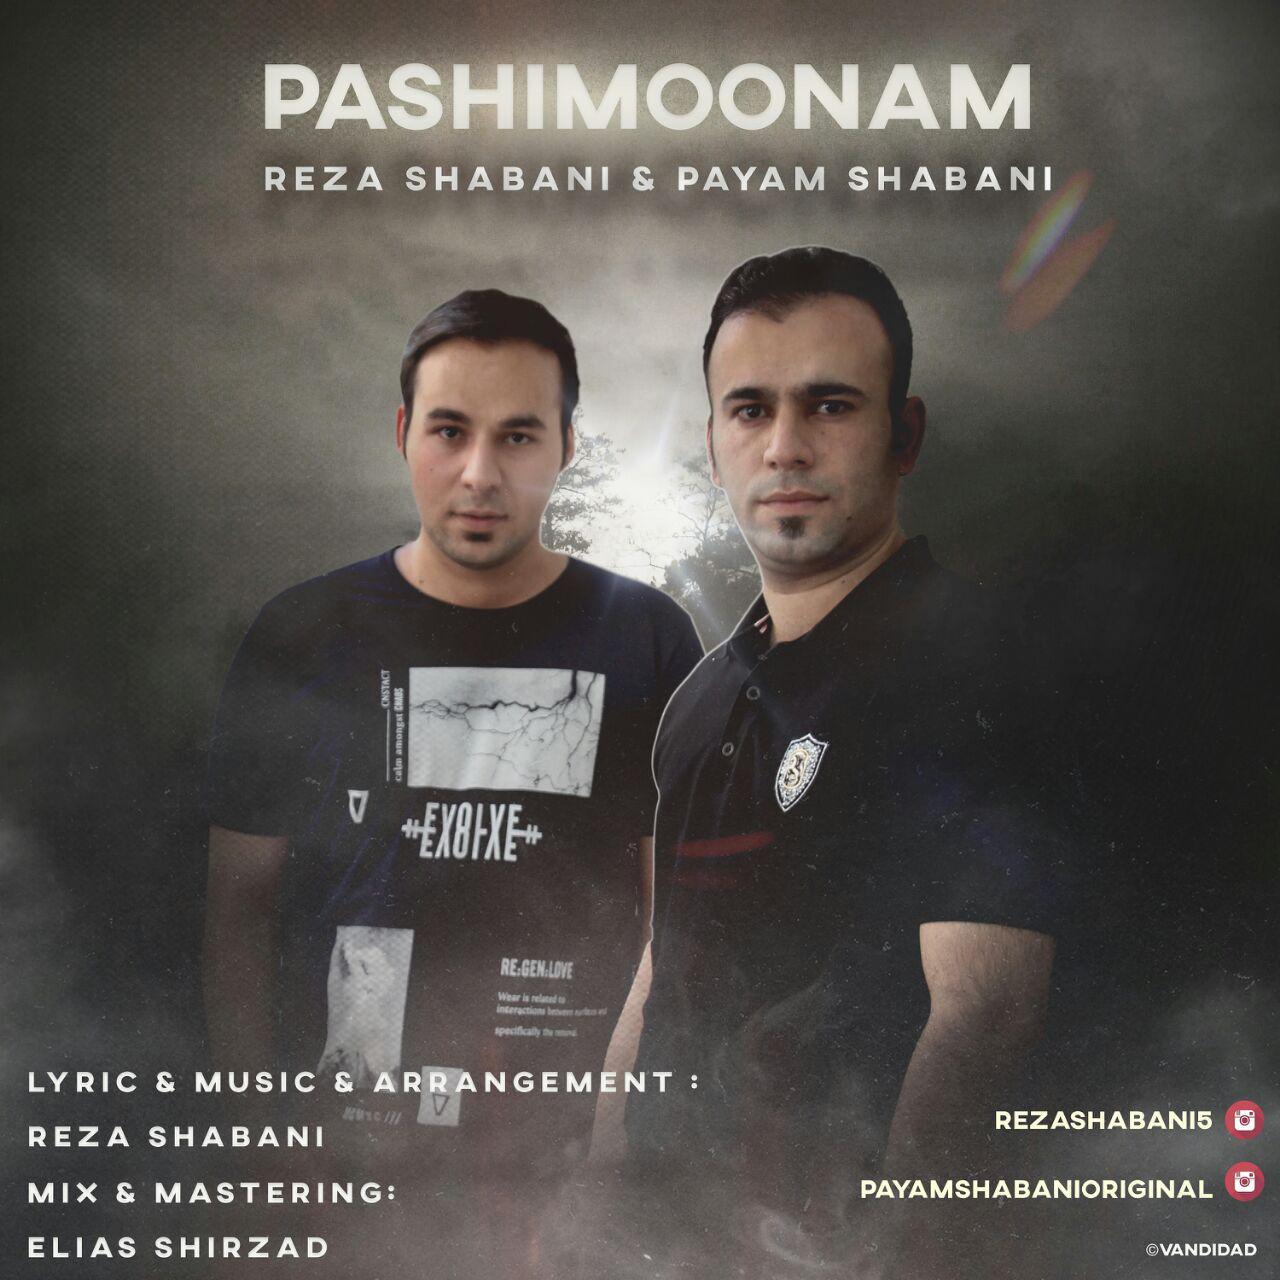 Payam Shabani – Pashimoonam (And Reza Shabani)